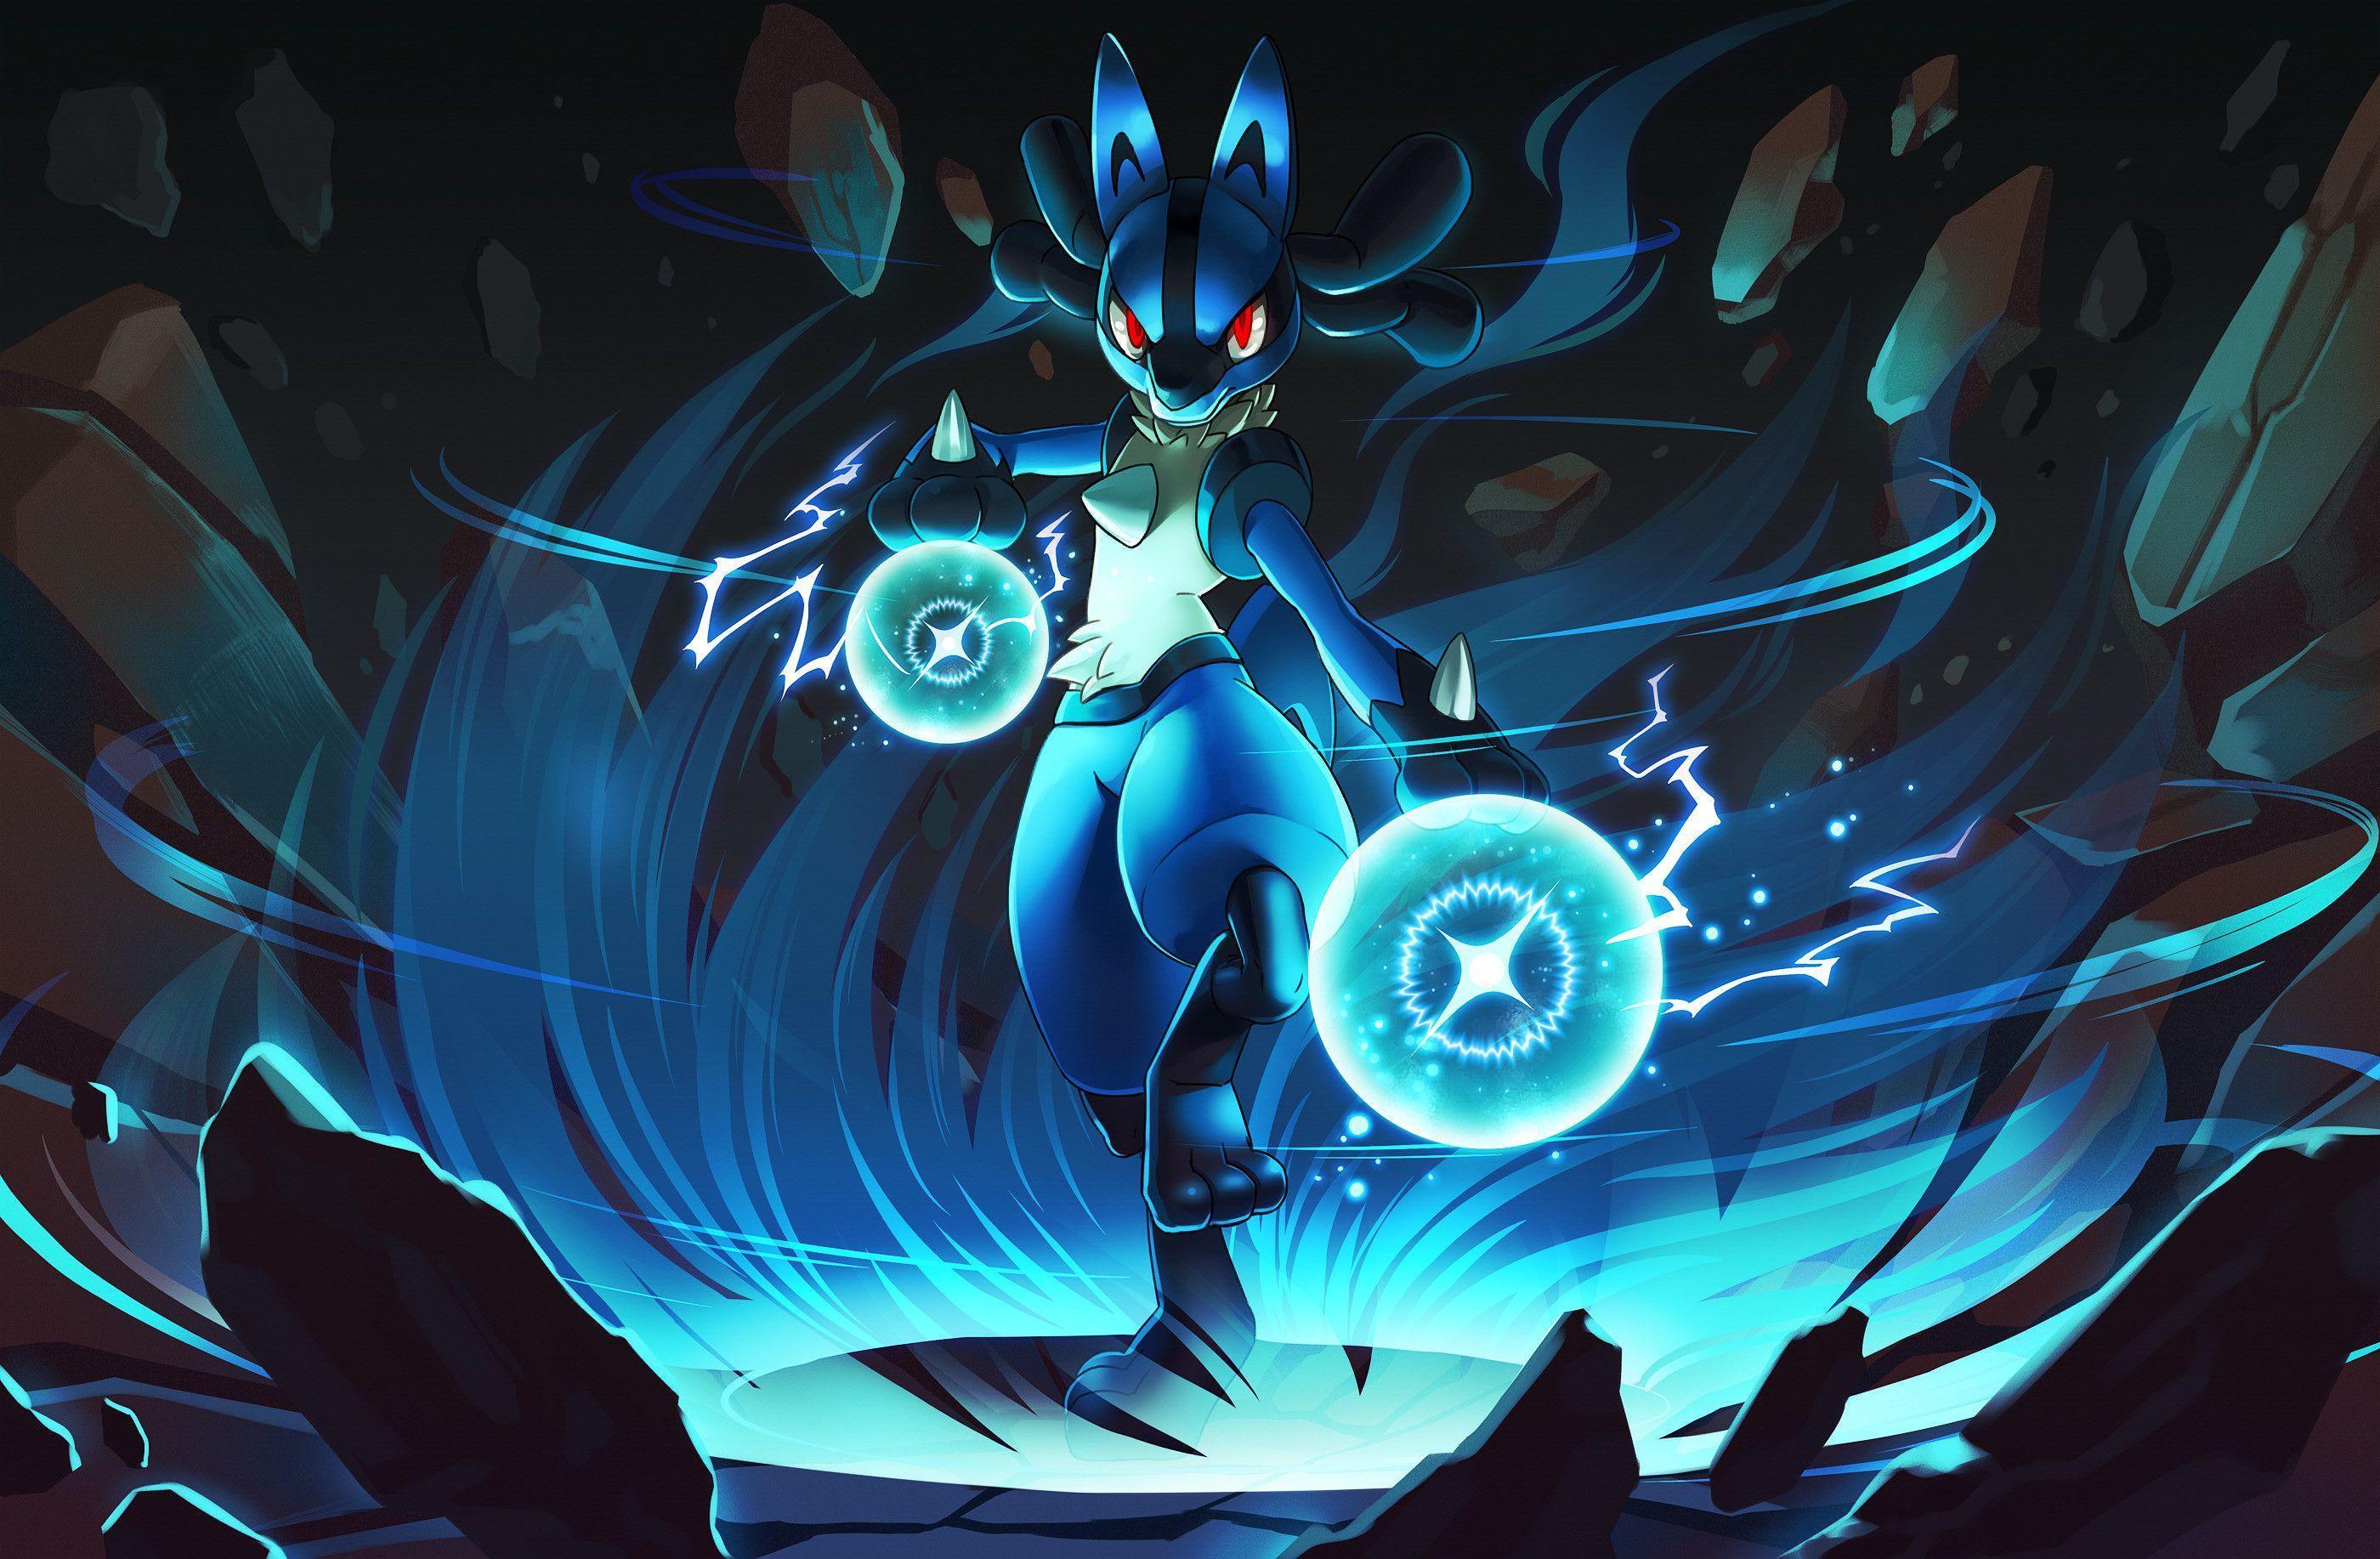 Pokemon Lucario Wallpapers Top Free Pokemon Lucario Backgrounds Wallpaperaccess